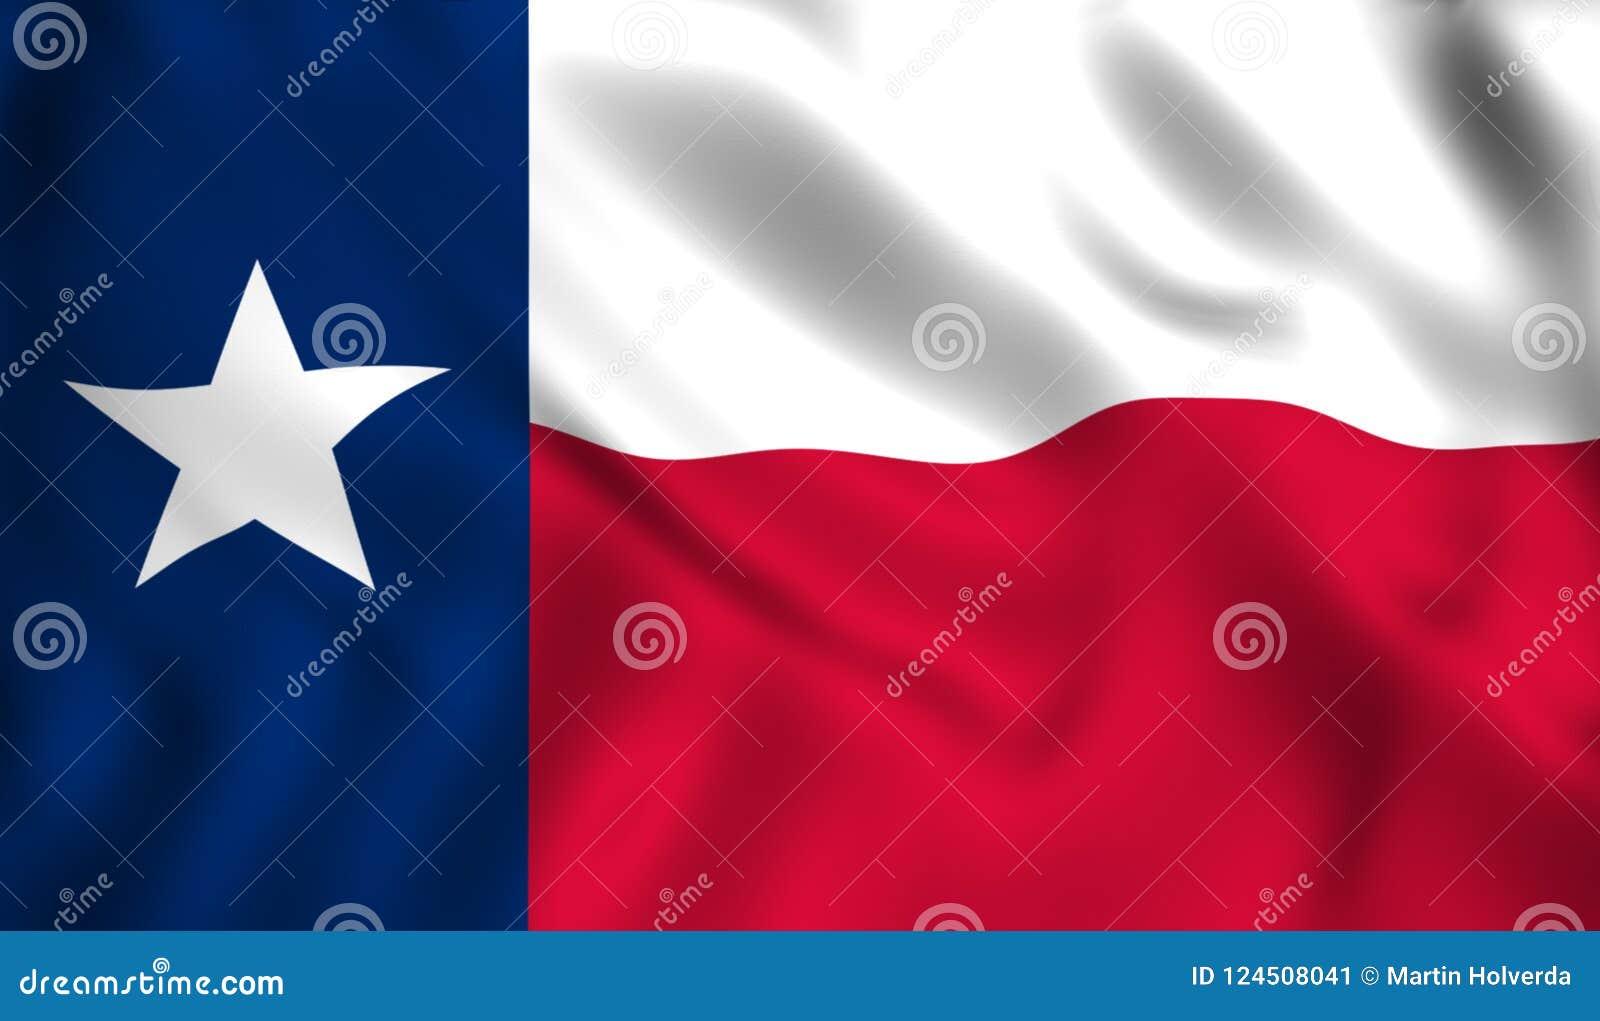 Αμερικανικό αστέρι κράτους σημαίας του Τέξας